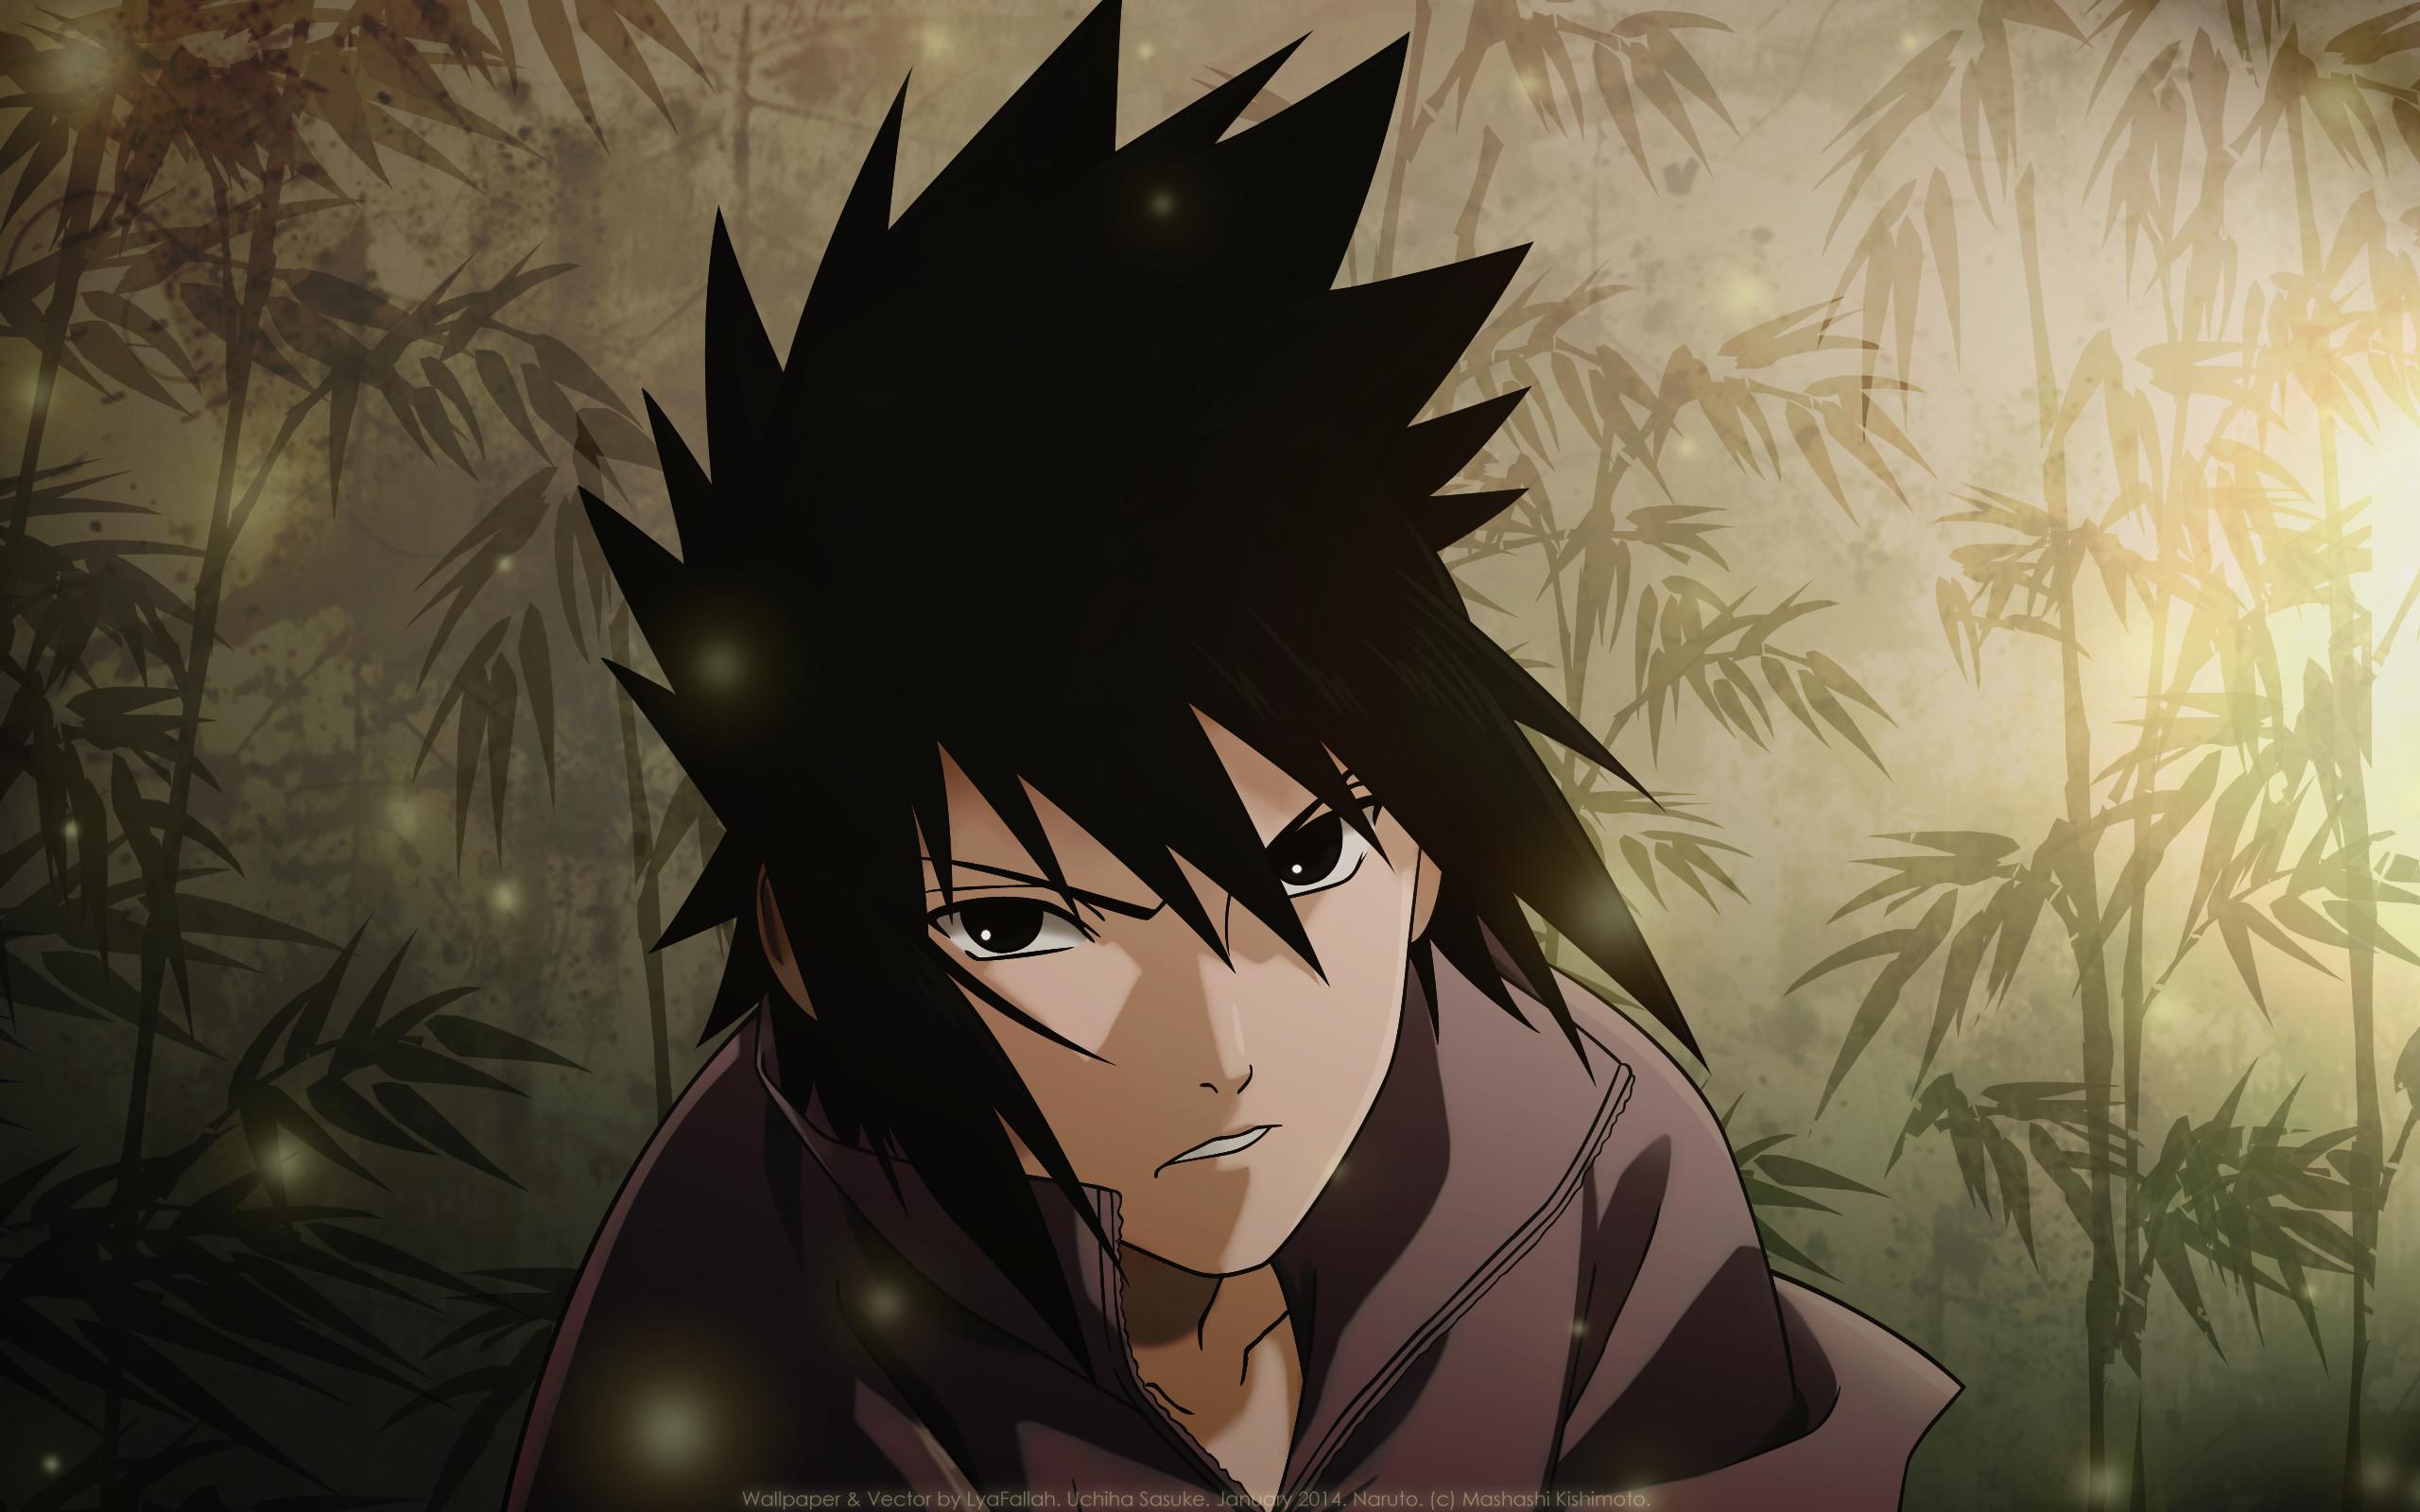 Naruto Shippuden Sasuke Wallpaper (57+ images)